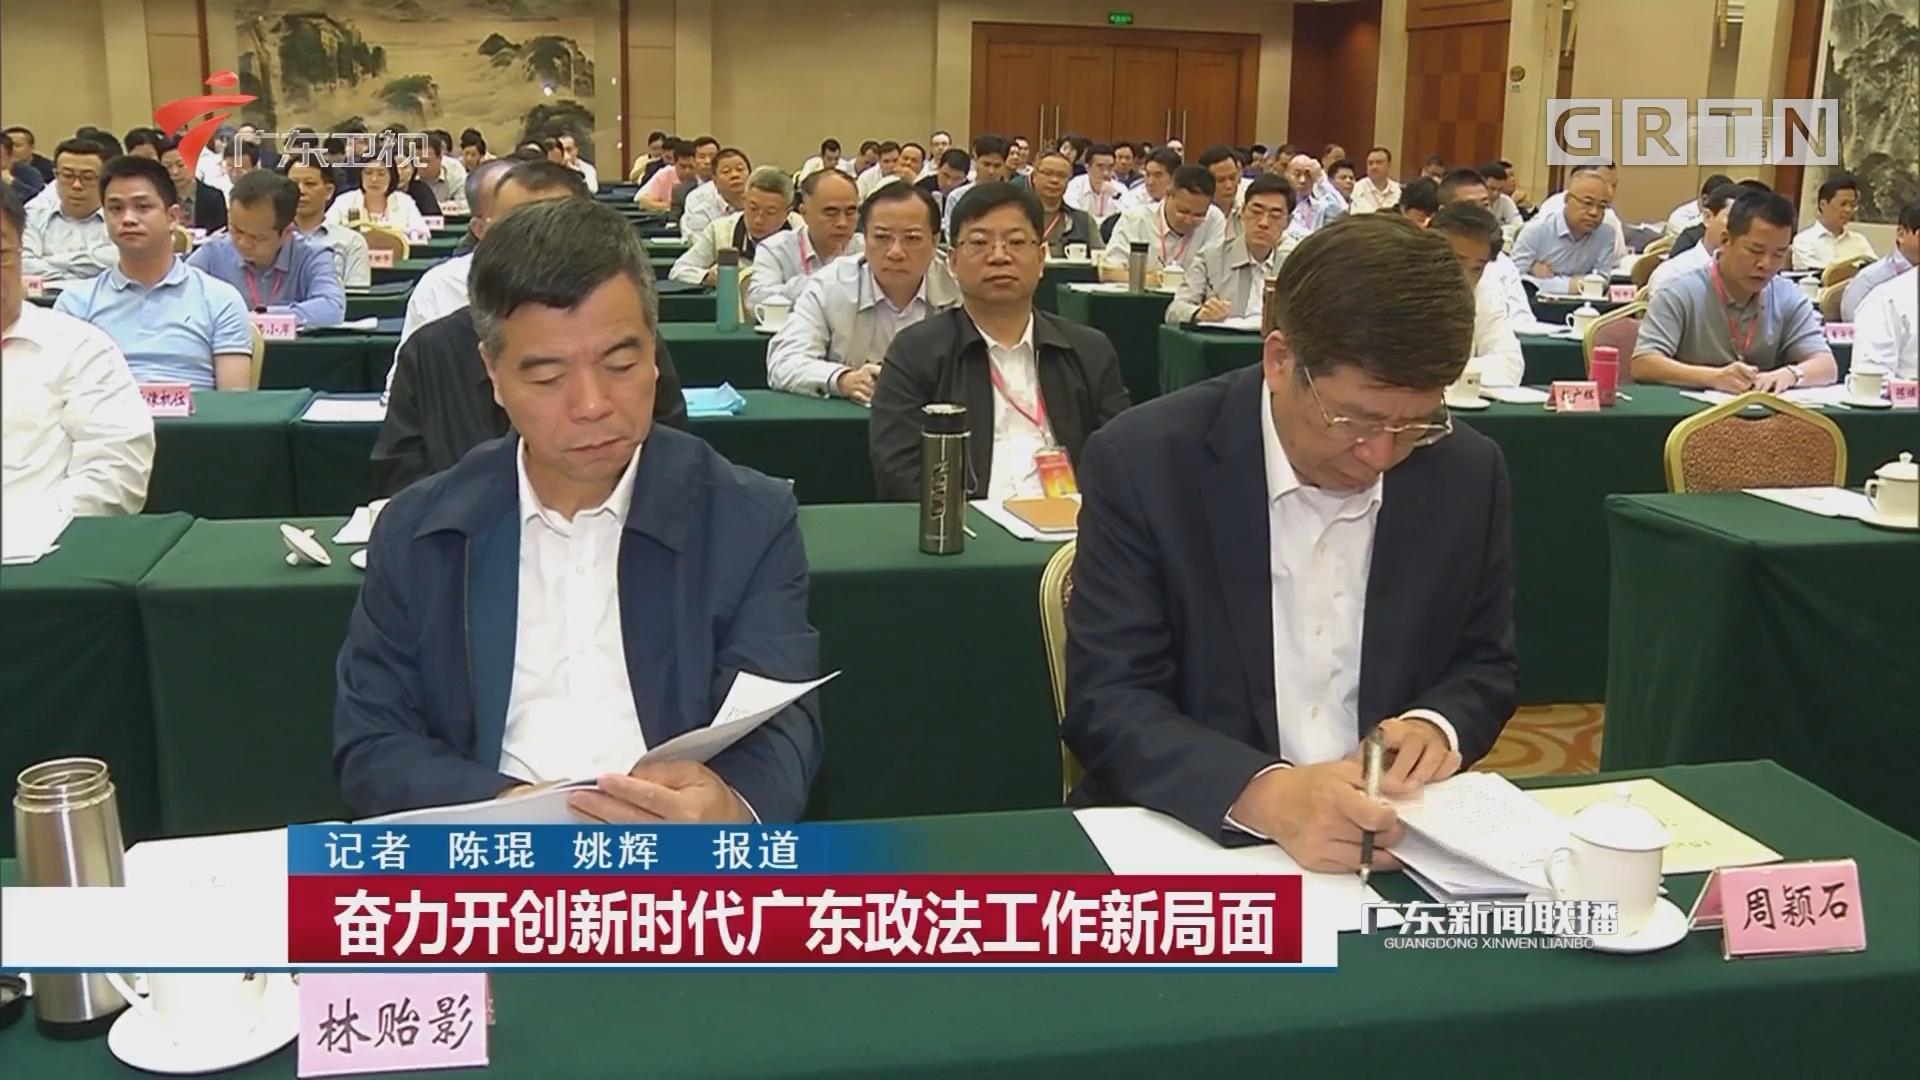 奋力开创新时代广东政法工作新局面